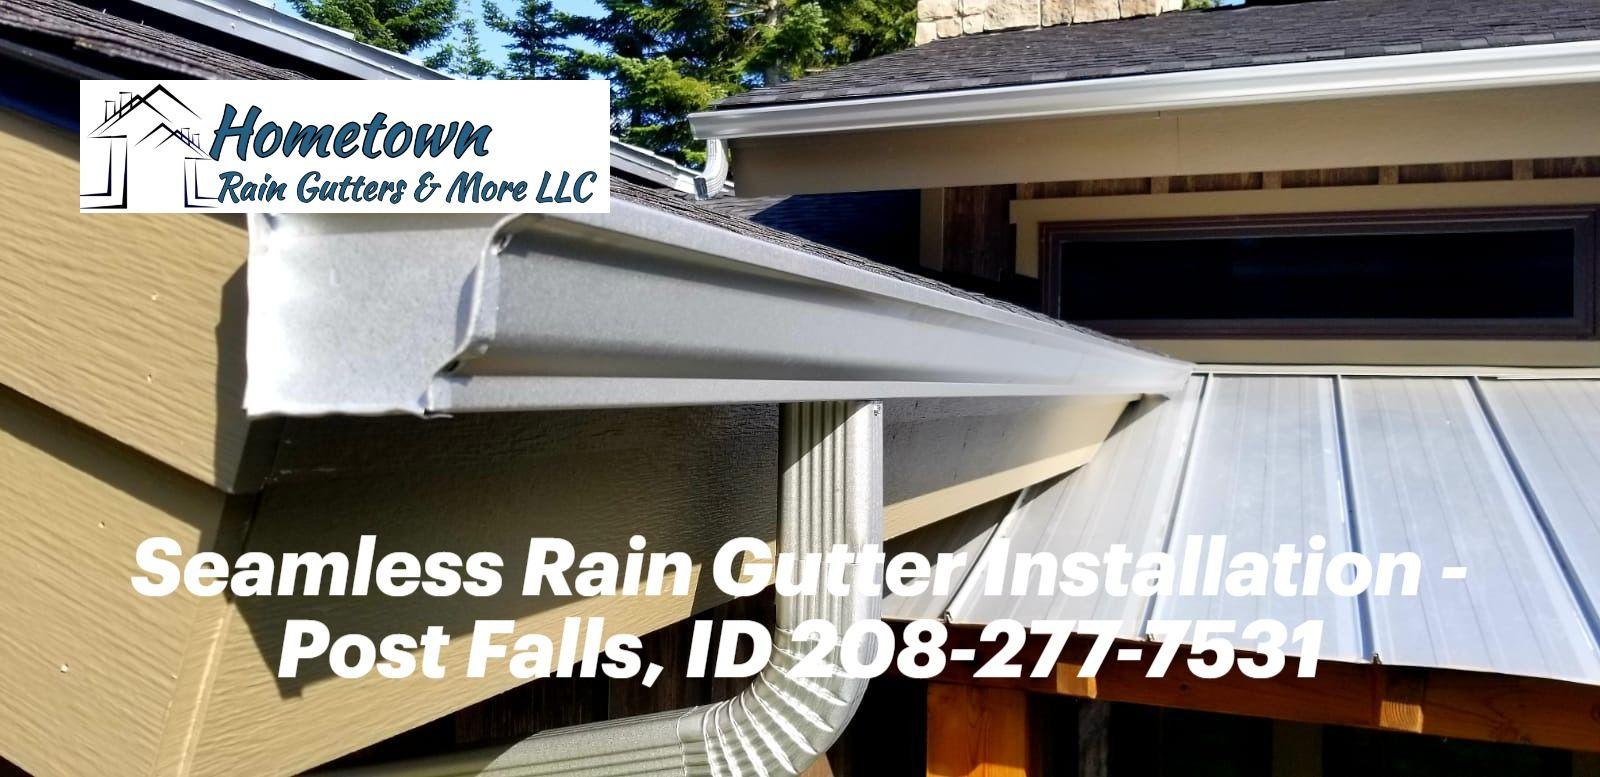 Custom Seamless Rain Gutters In Post Falls Id In 2020 Gutters Rain Gutters Rain Gutter Installation